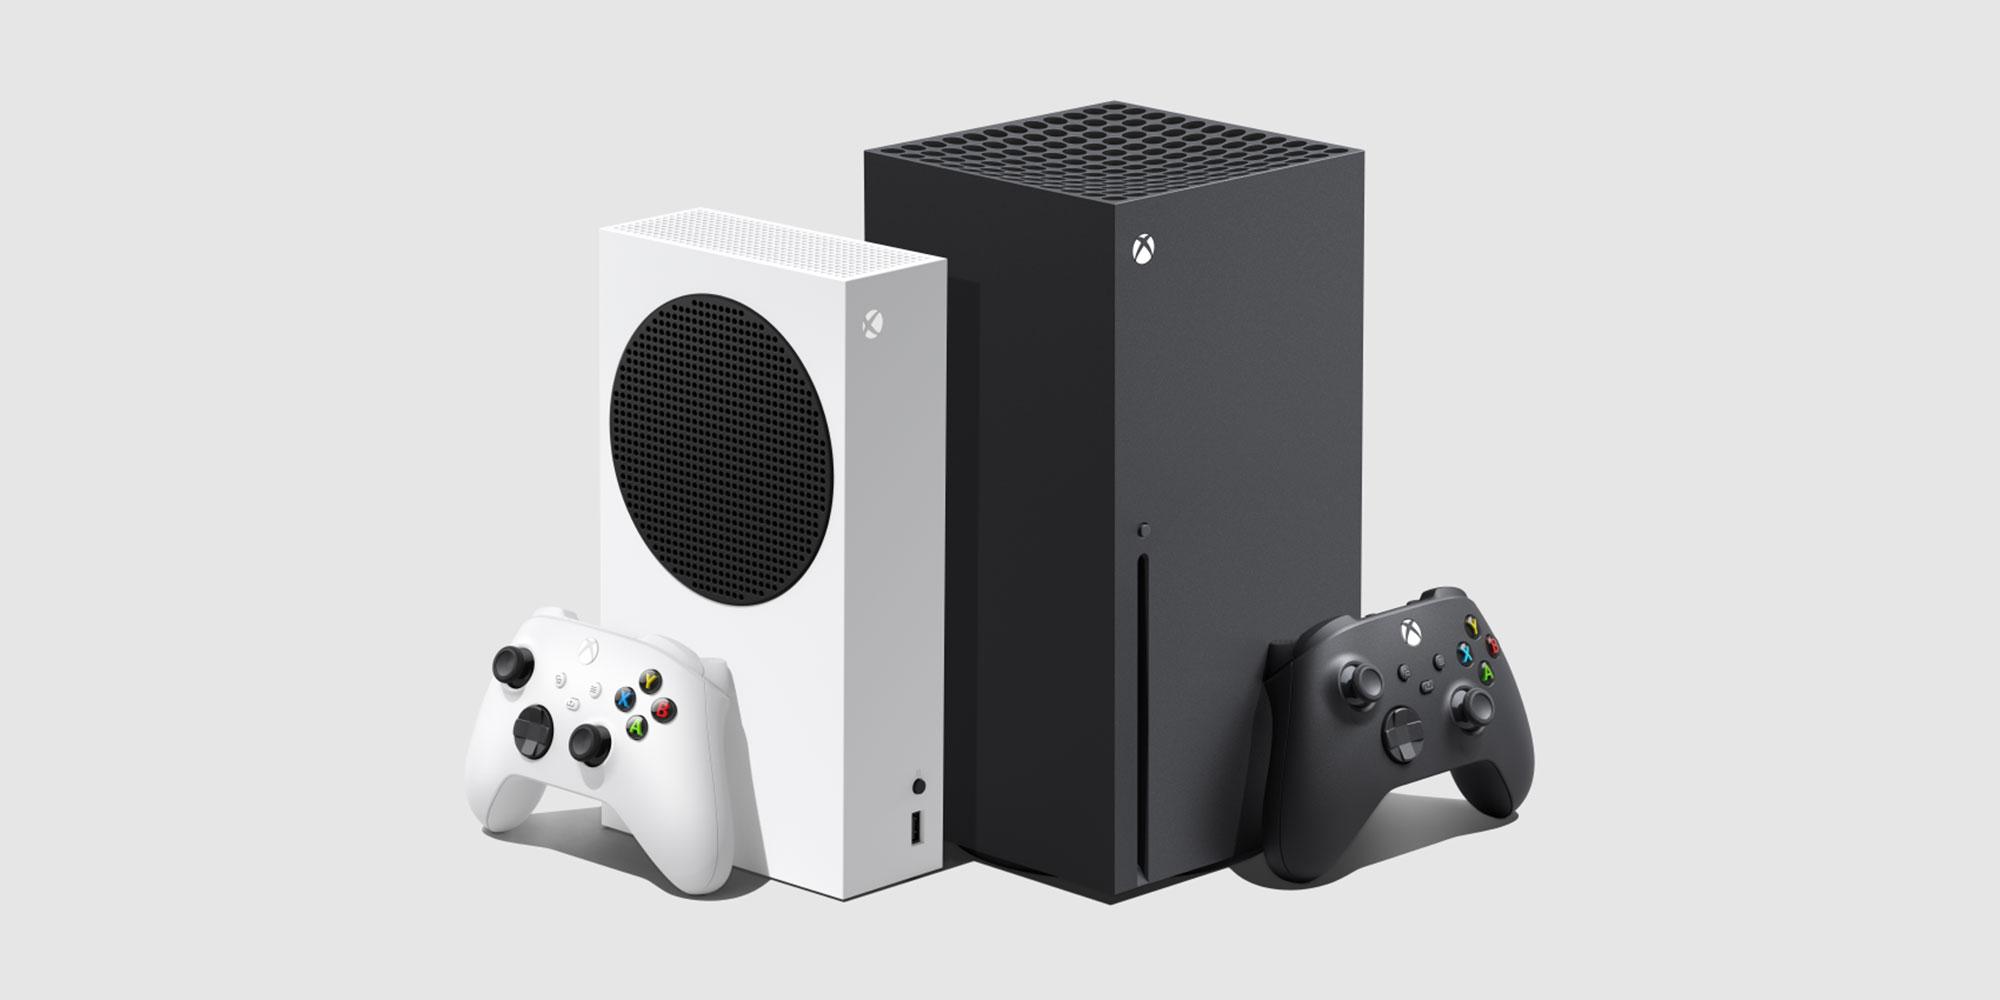 Xbox Series S vs Series X